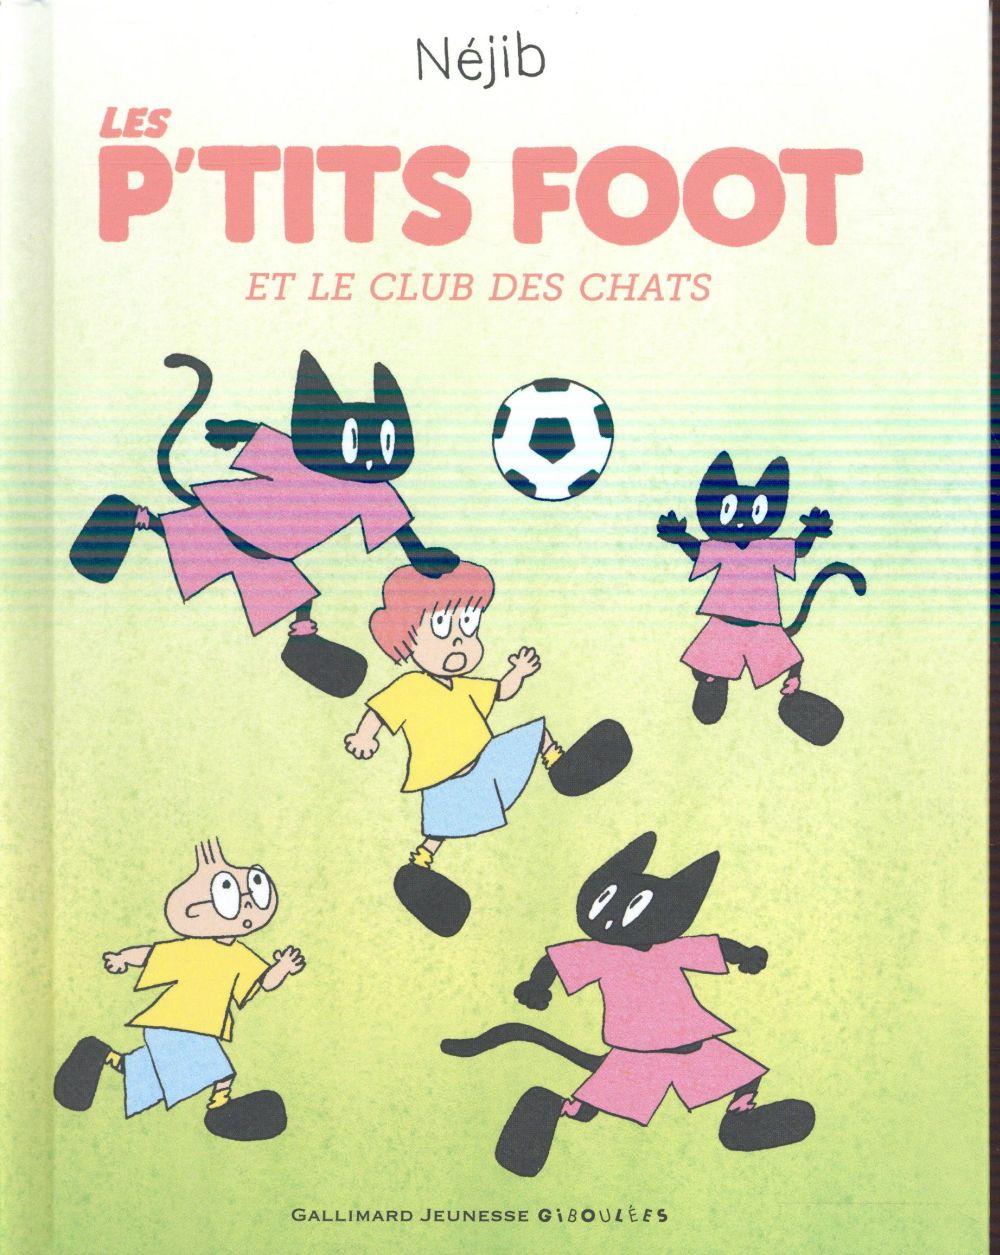 Les p'tits foot et le club des chats